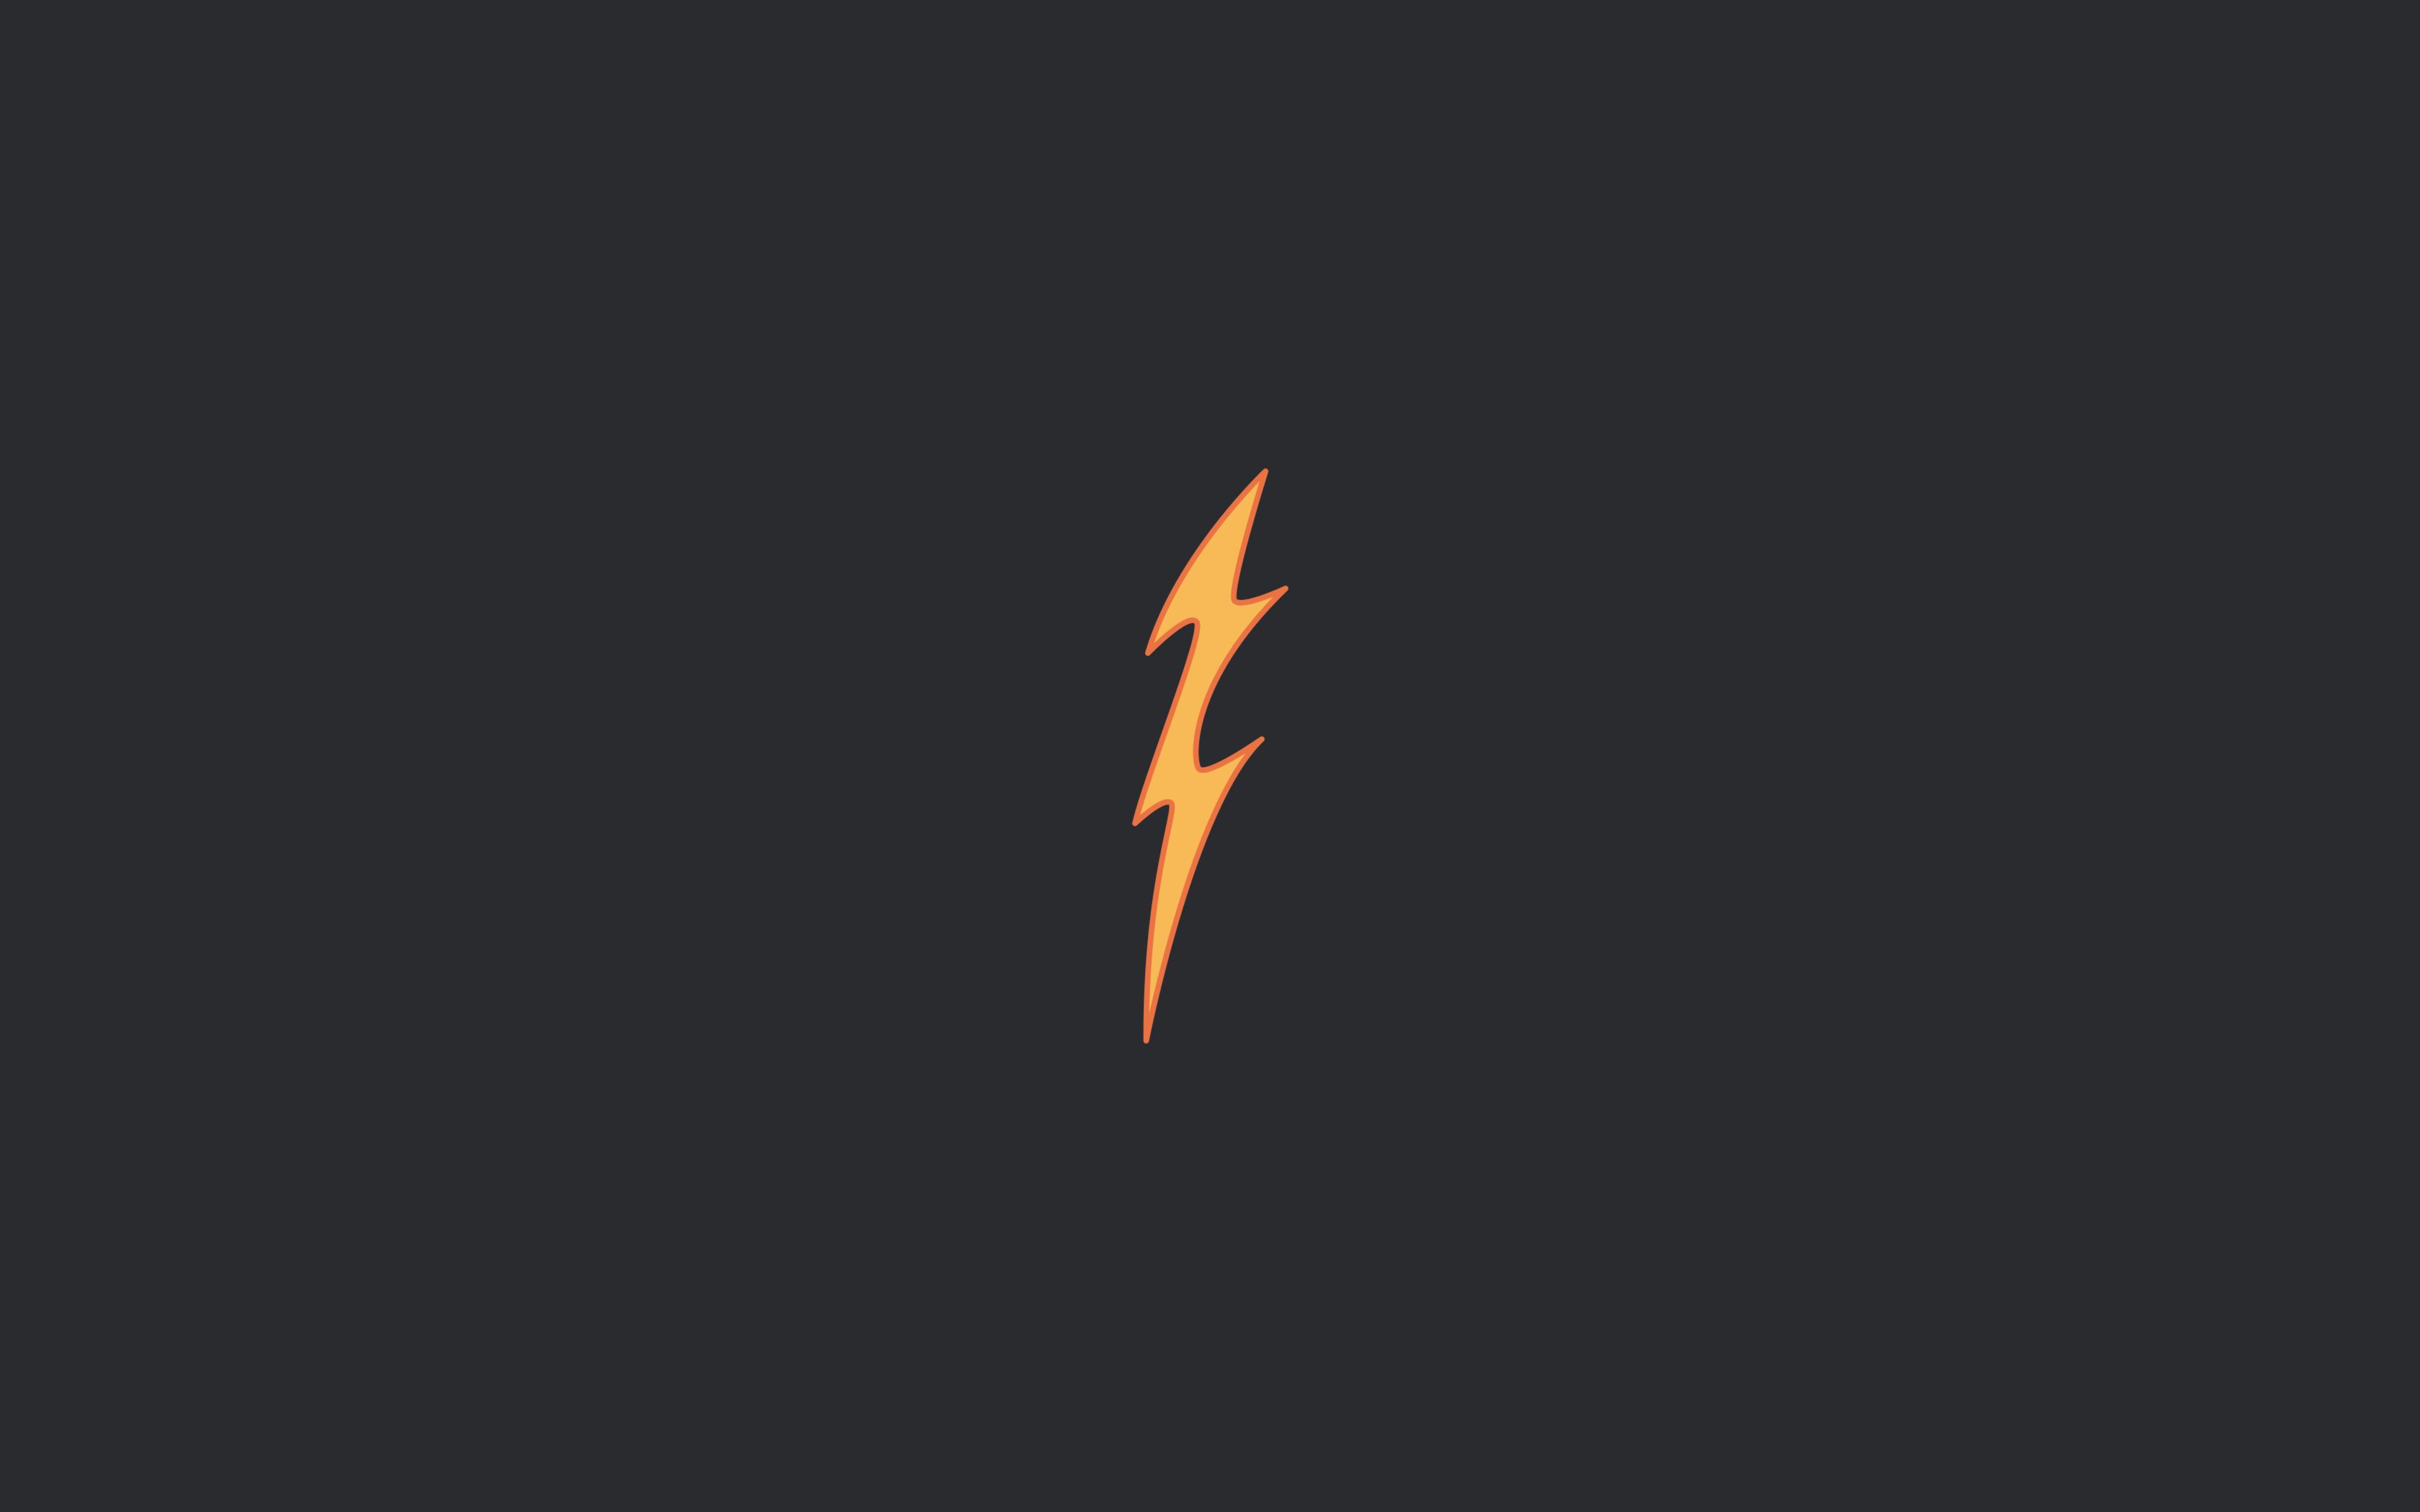 flash-minimal-art-4k-8x.jpg